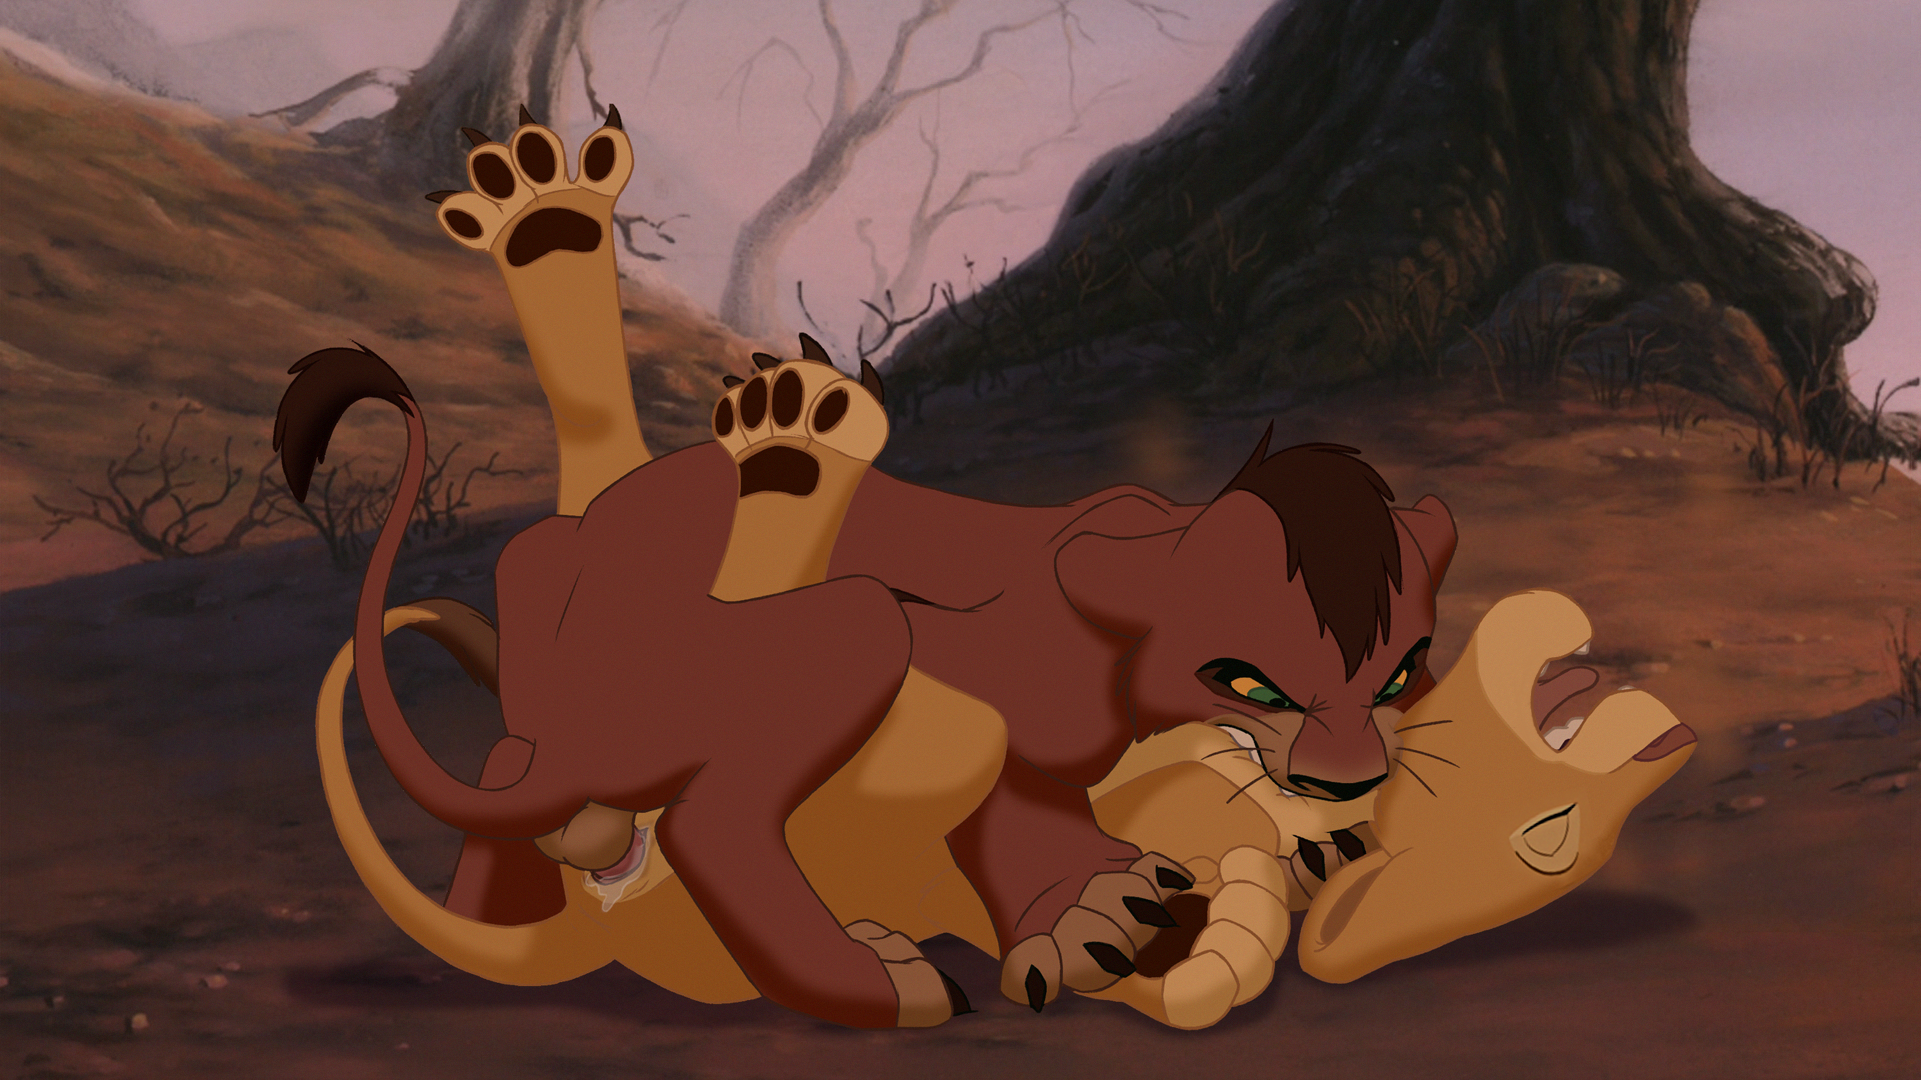 Людей картинки секс львов сей раз